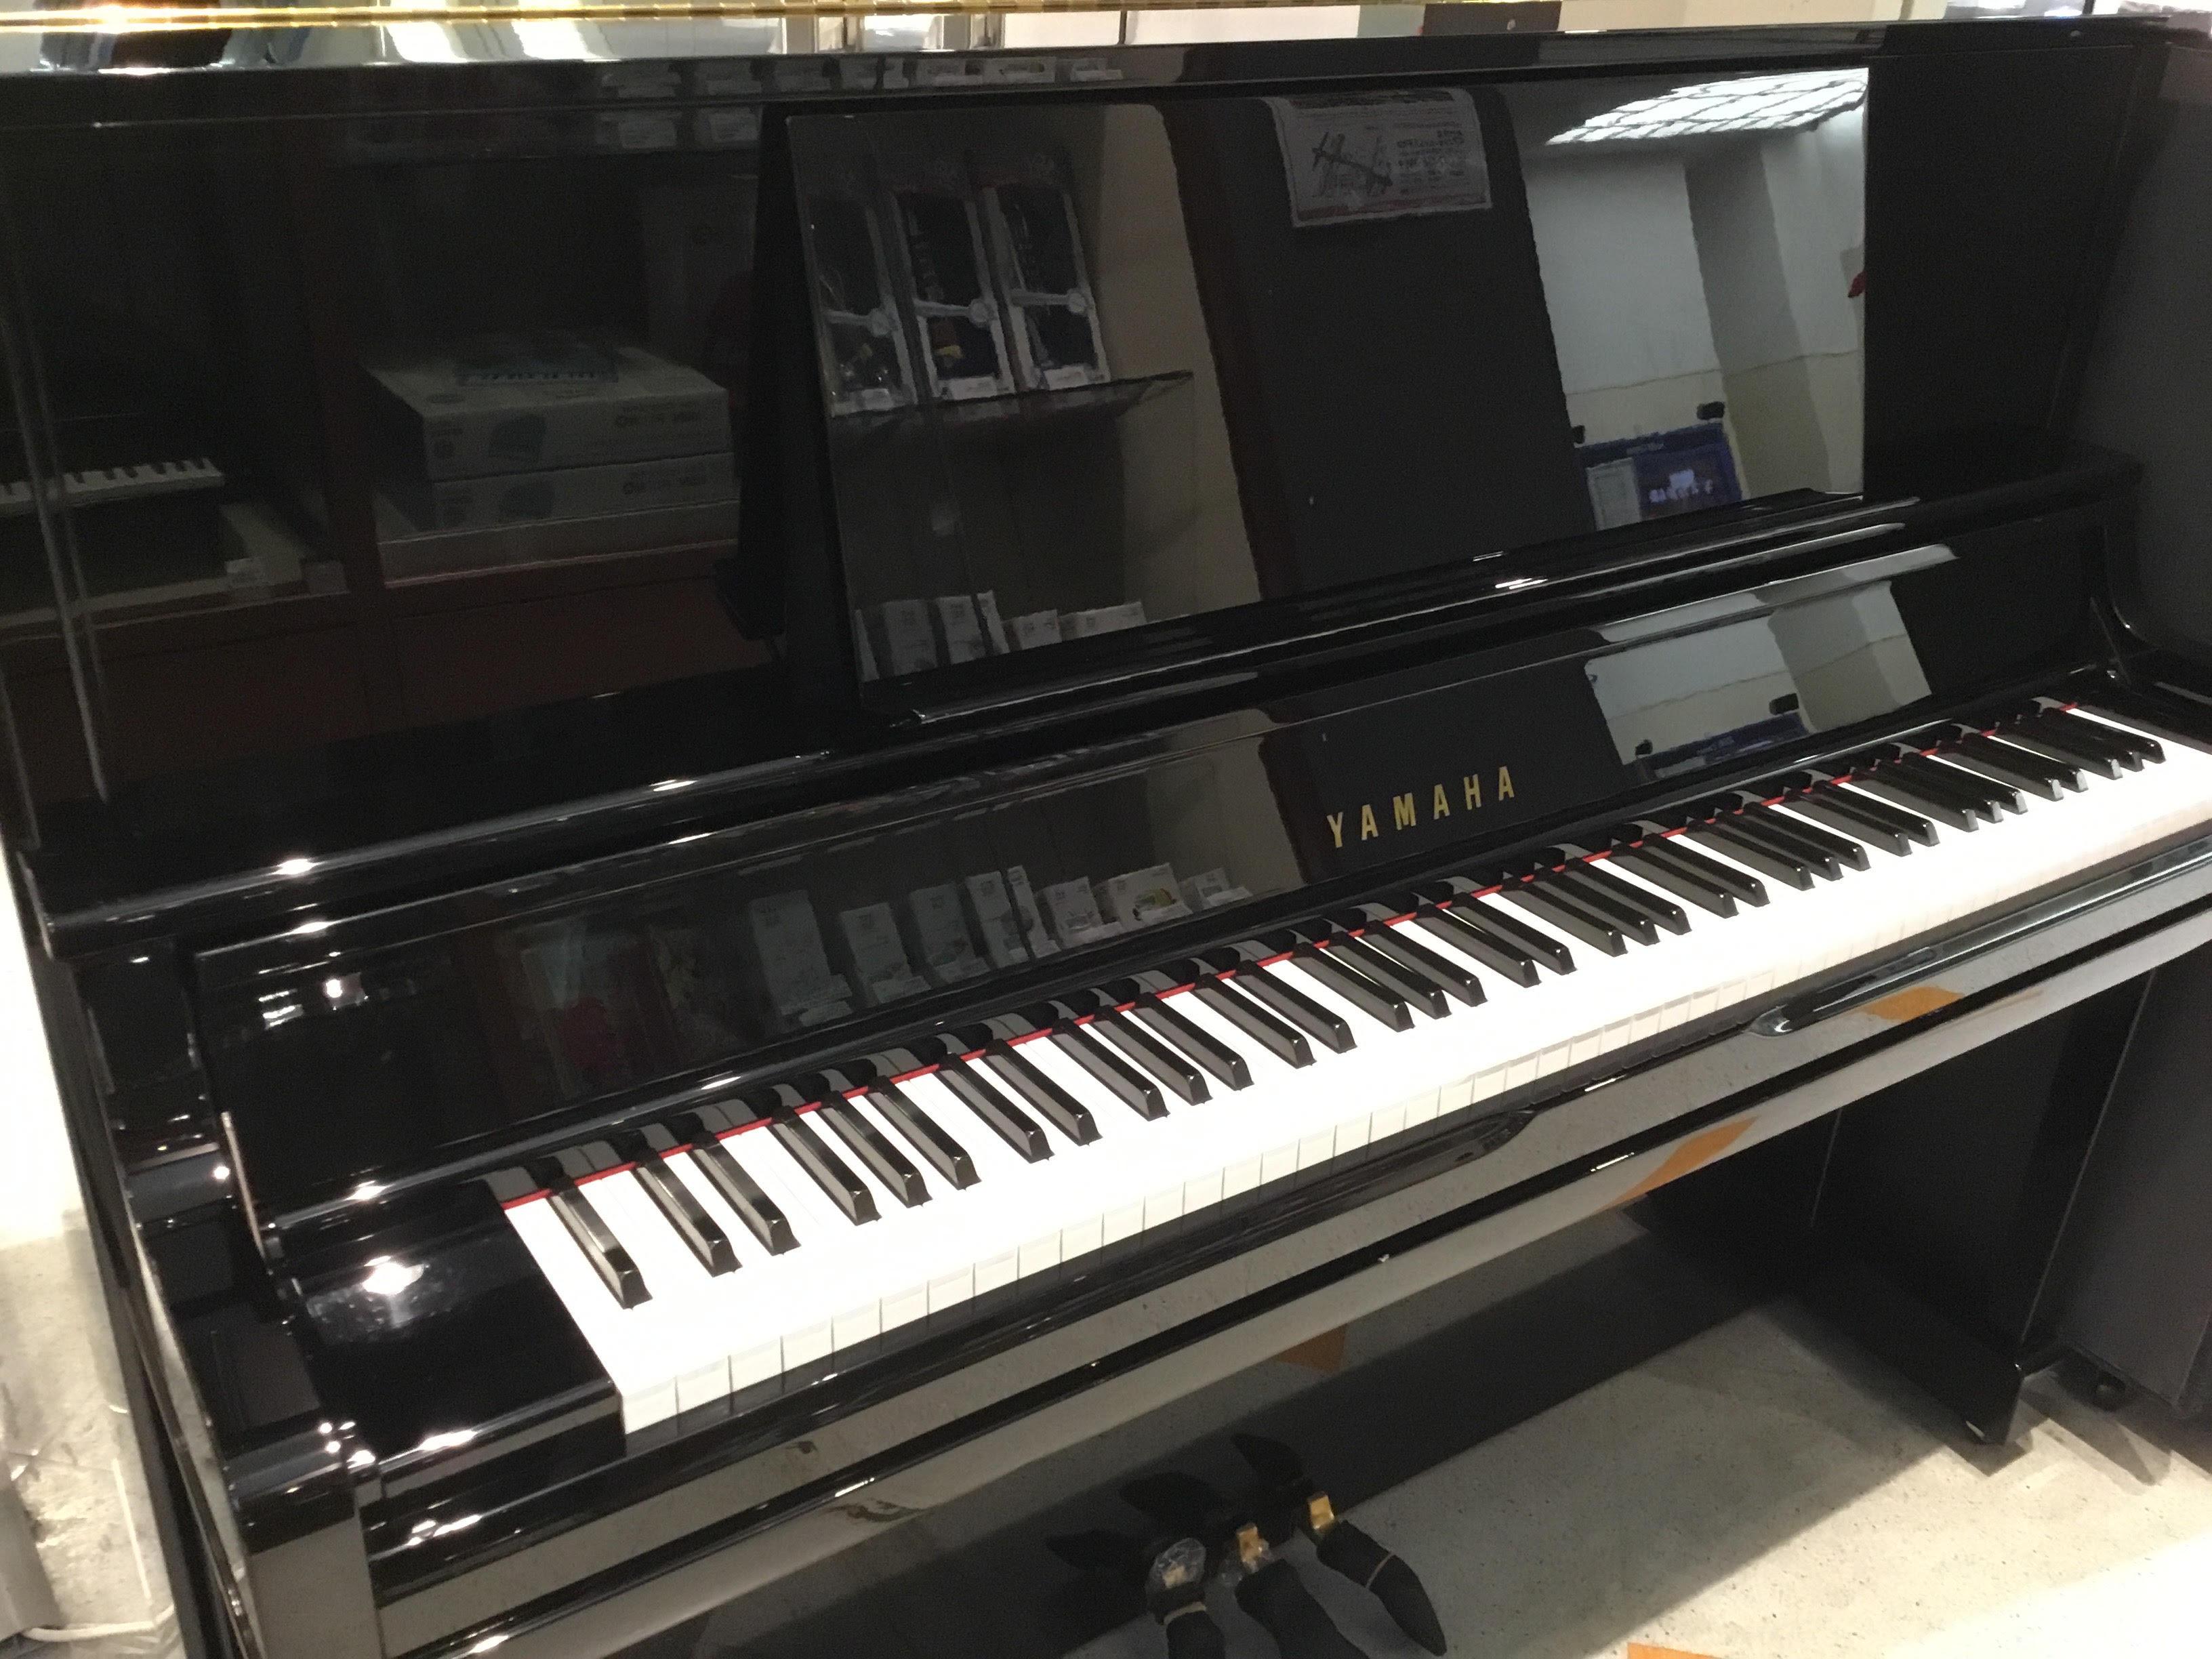 中古ピアノ アップライトピアノ X支柱 UX UX10A 人気 ヤマハ YAMAHA 選び方 価格 千葉ニュータウン 印西